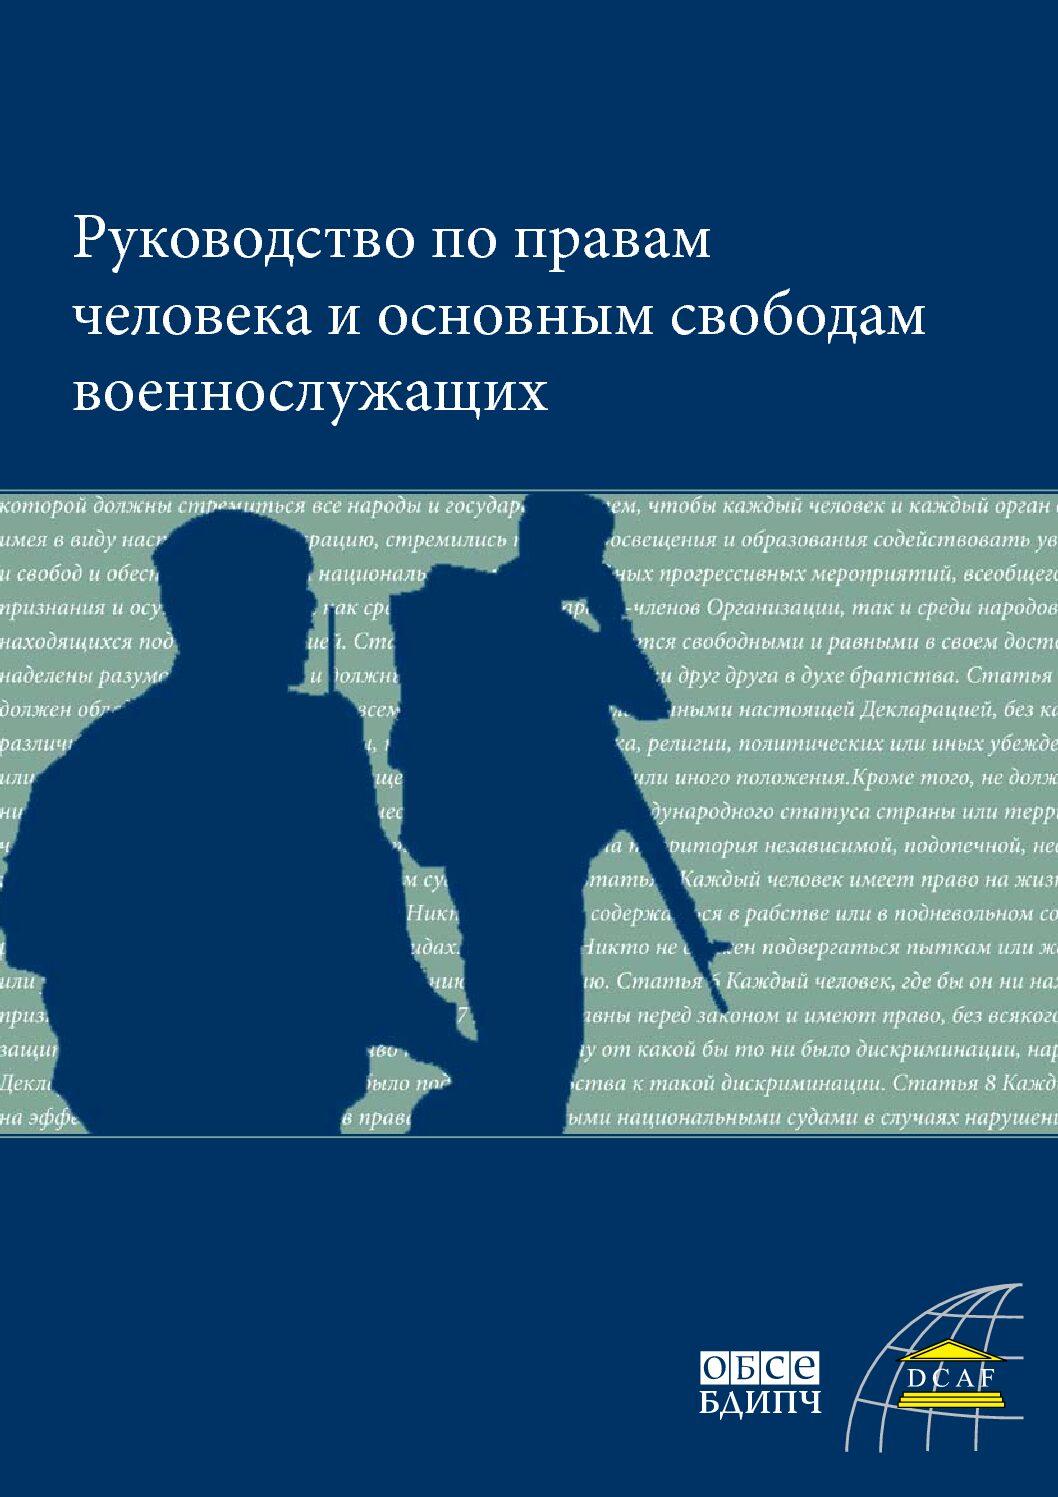 Руководство по правам человека и основным свободам военнослужащих